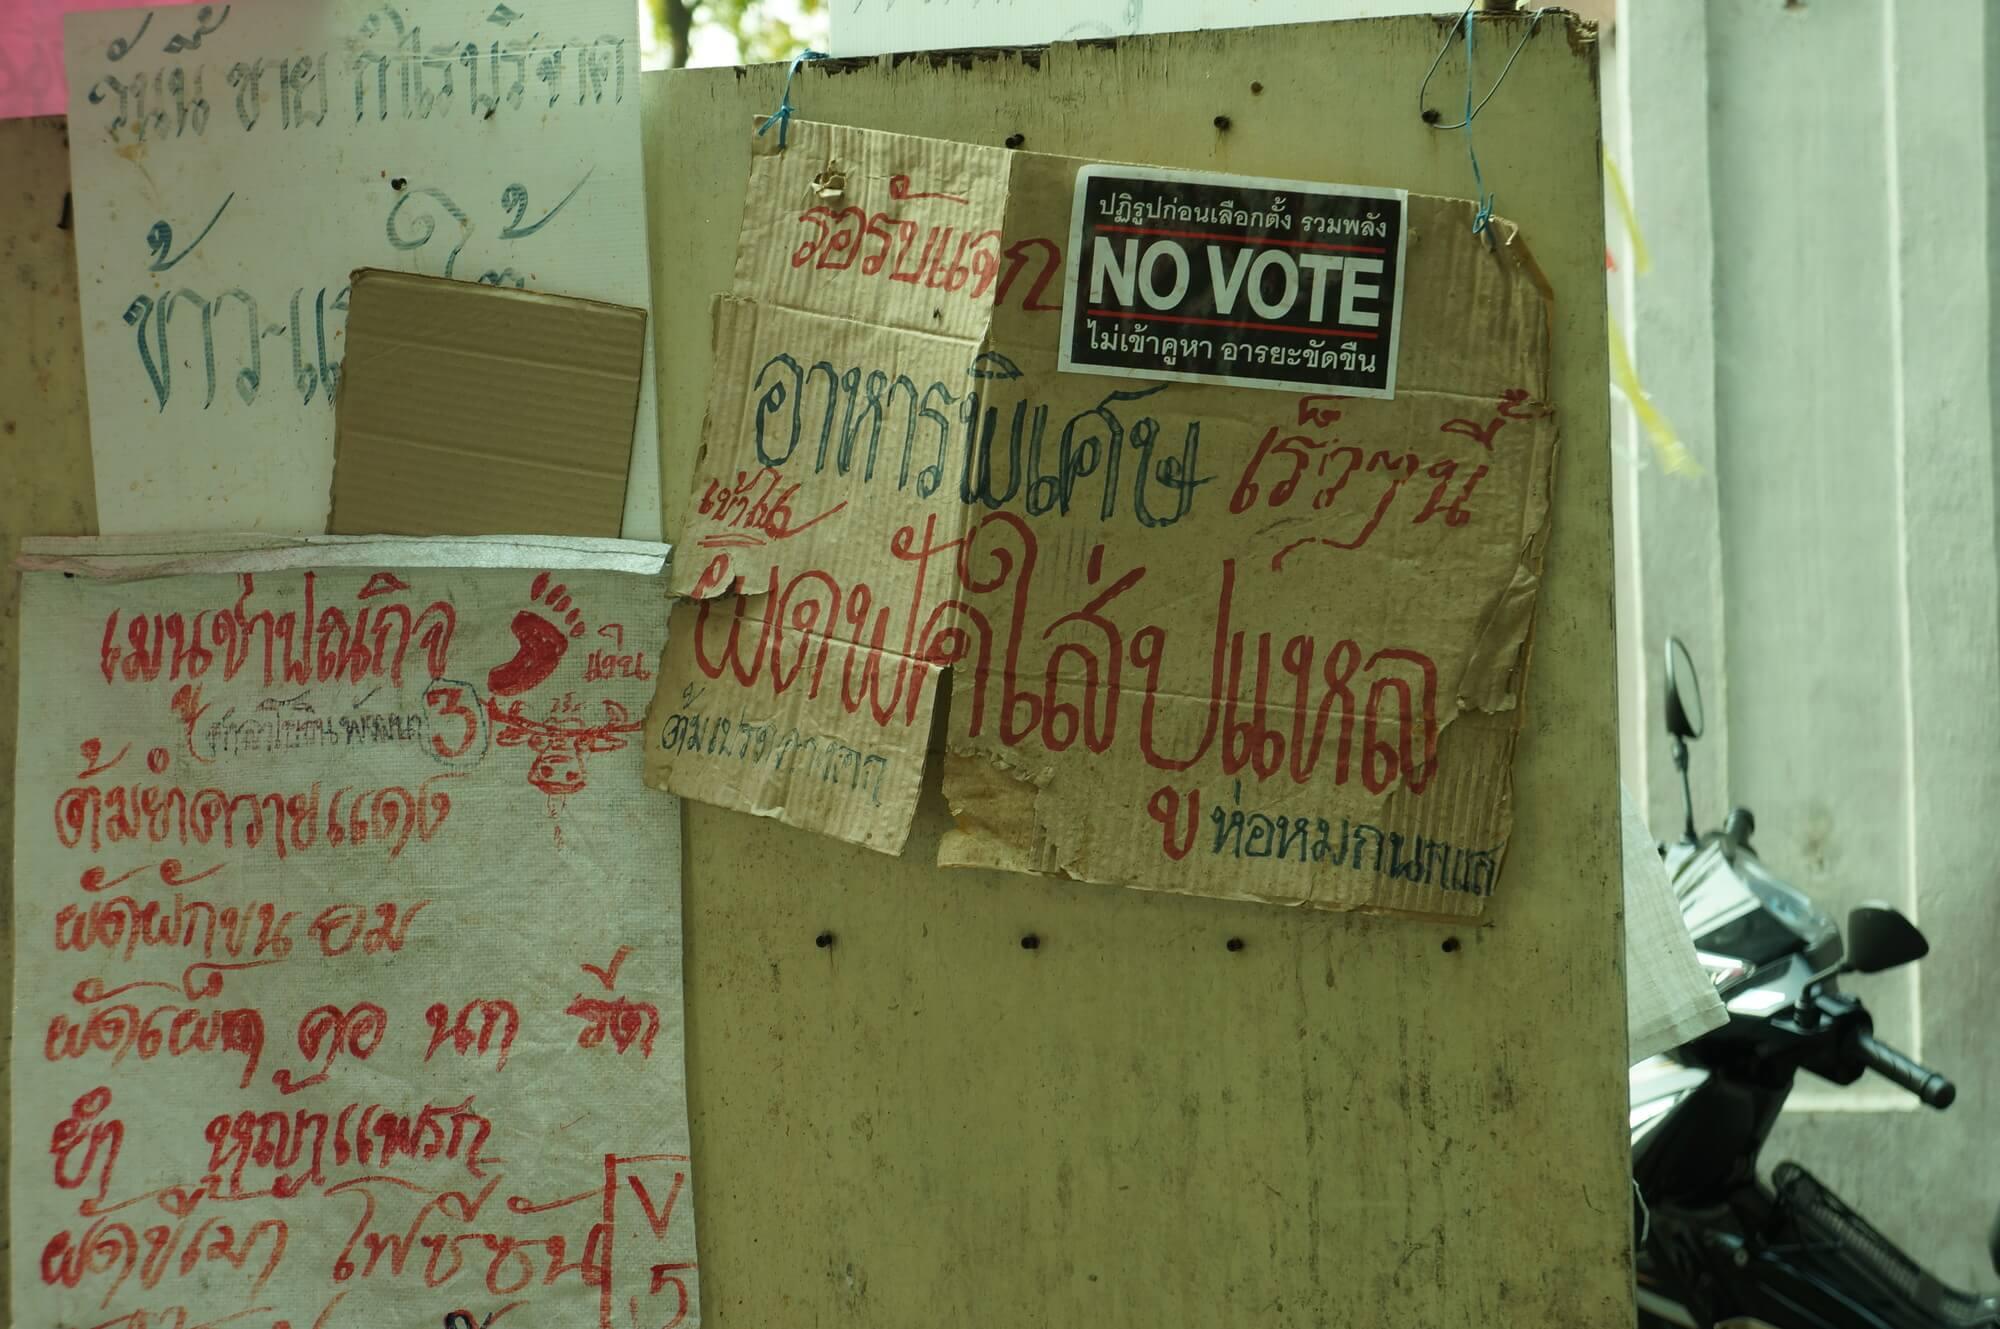 """Protestujący nie chcą kolejnych wyborów. Chcą wprowadzenia """"ludowego komisarza"""", który przez rok miałby zająć się reformowaniem kraju."""